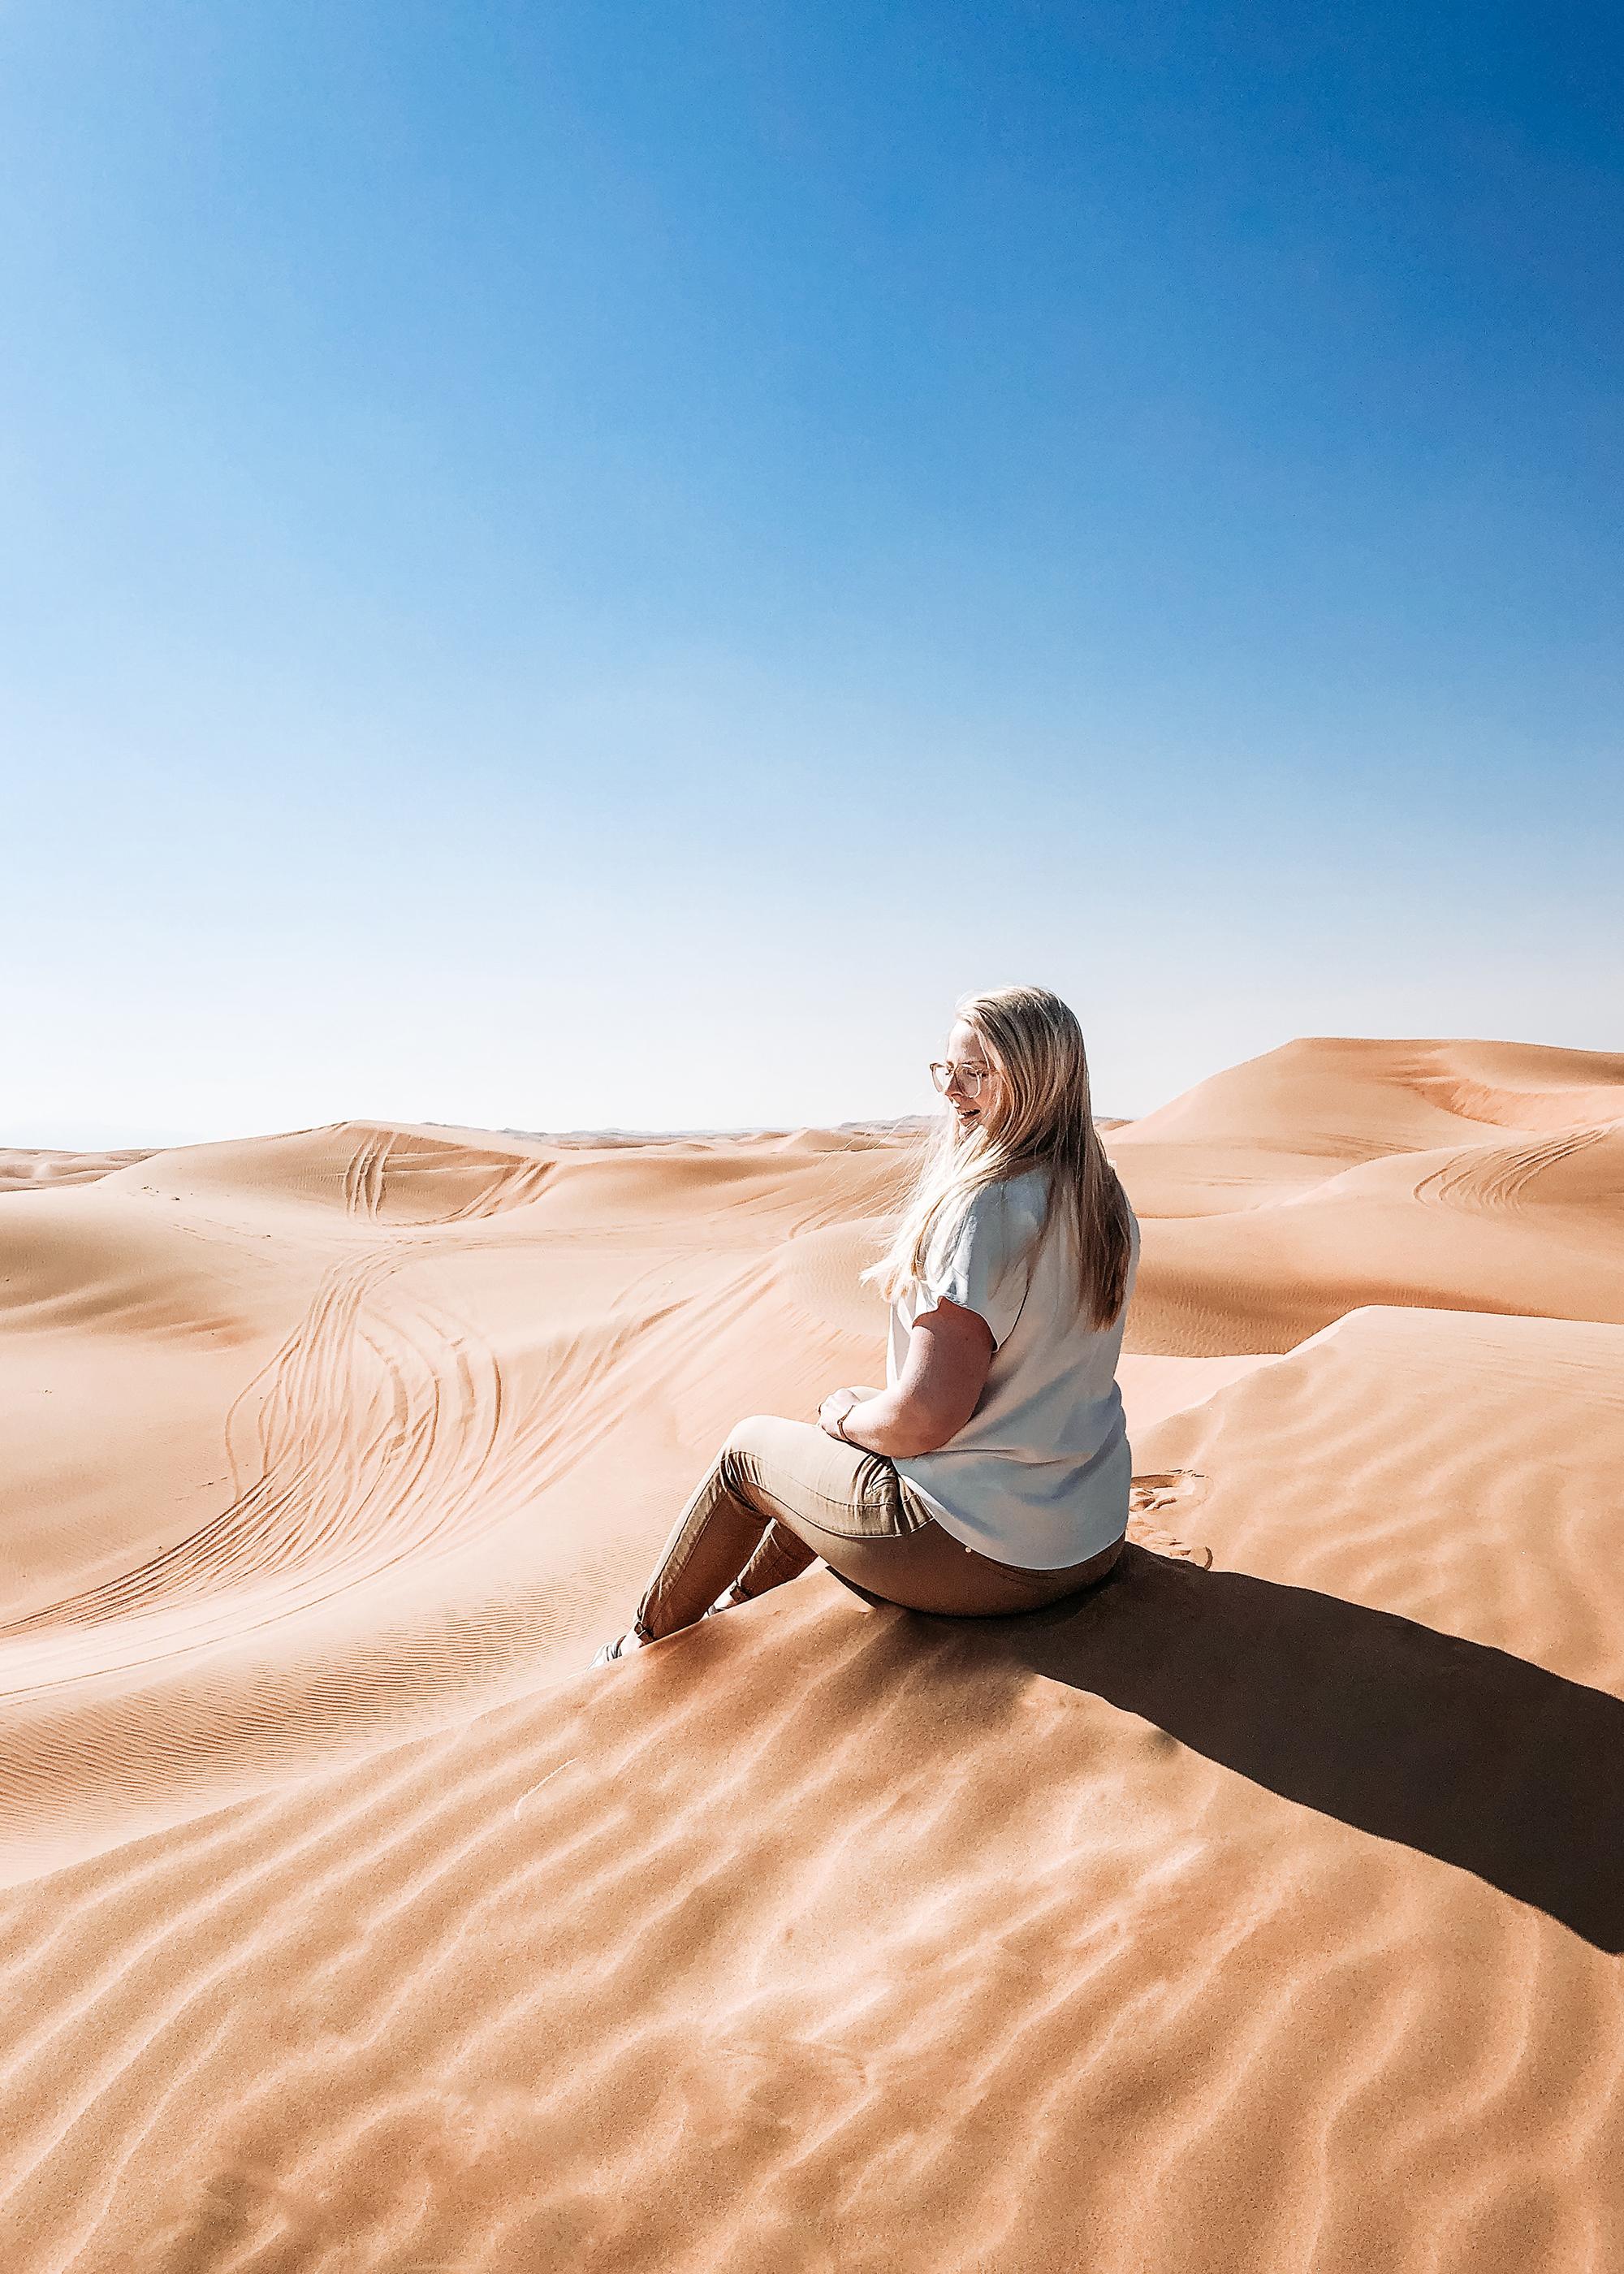 Dubai A-Ö | Dubai reseguide | Travel Guide Dubai | Dubai Desert | By Sandramaria | Sandramarias.com